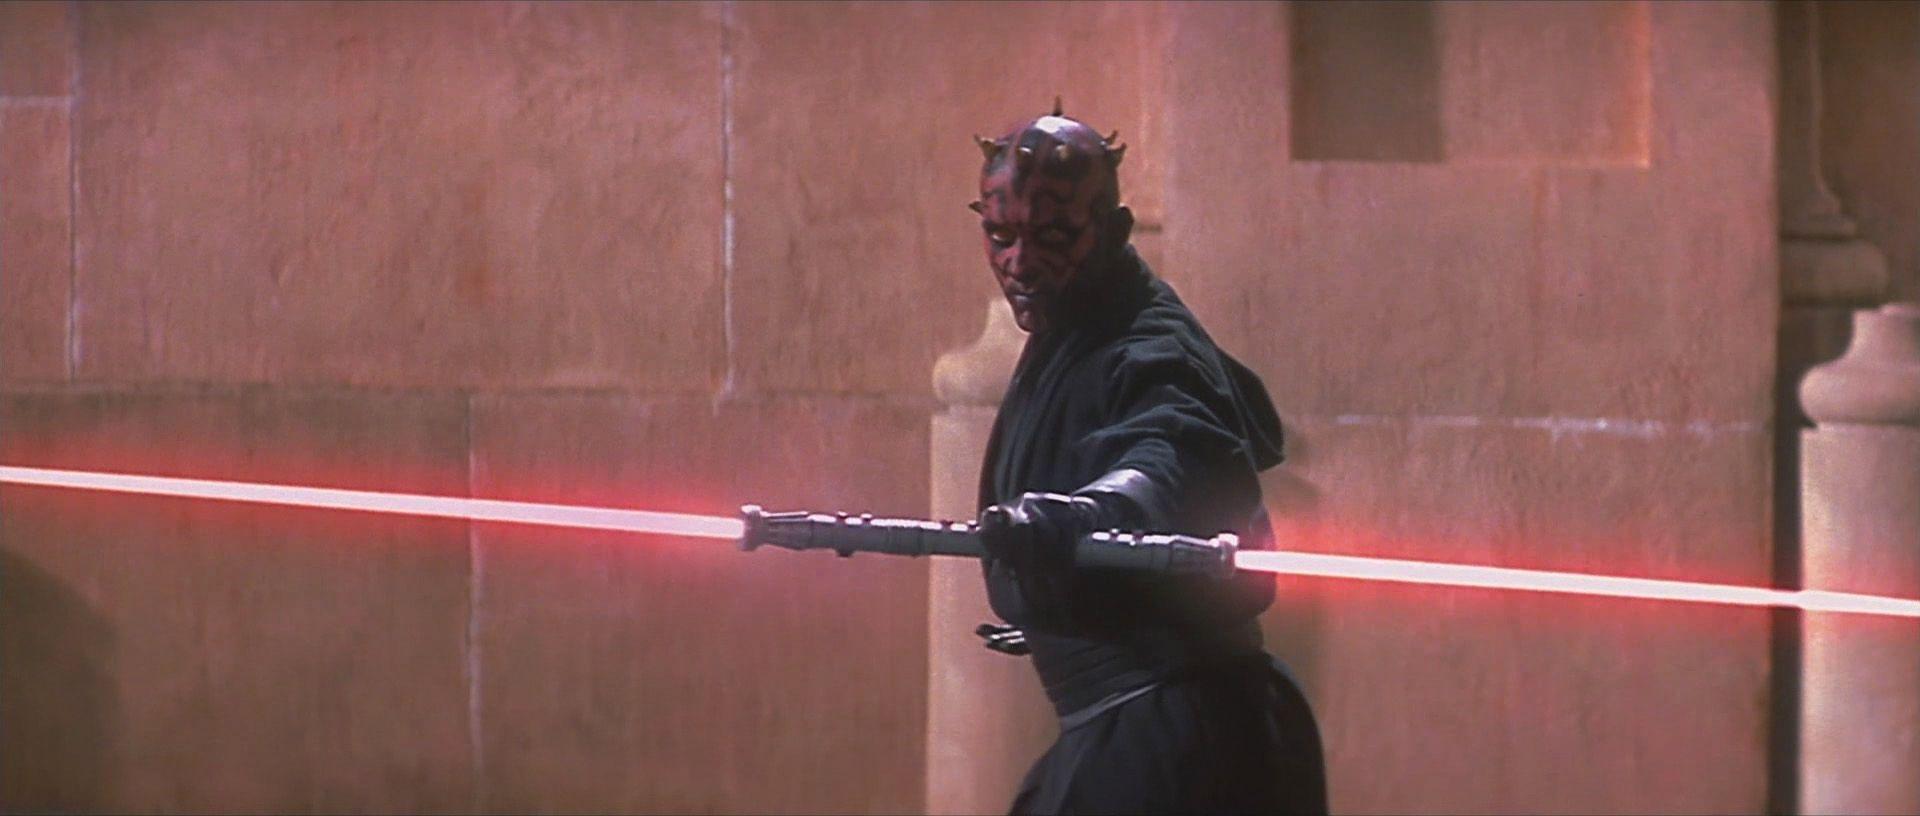 Star Wars i 3D får dato